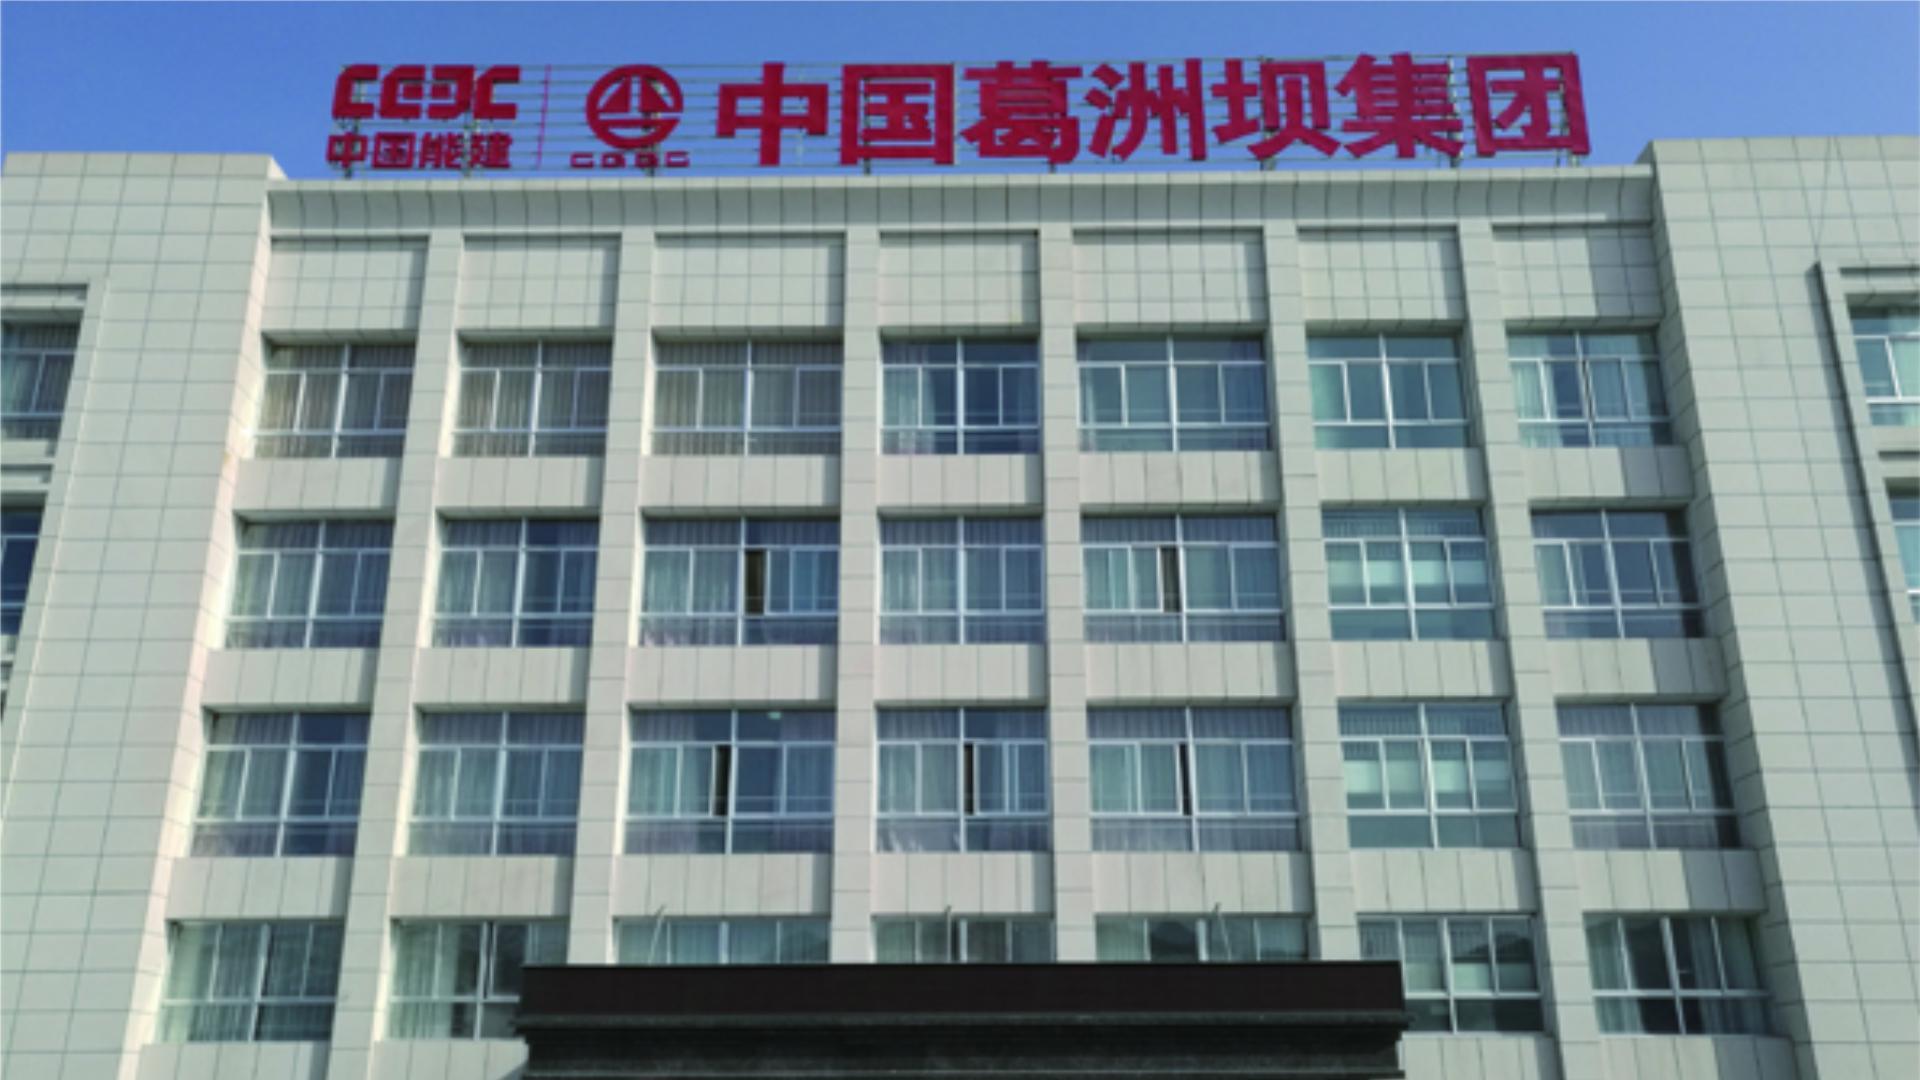 中国葛洲坝集团地产开发有限公司